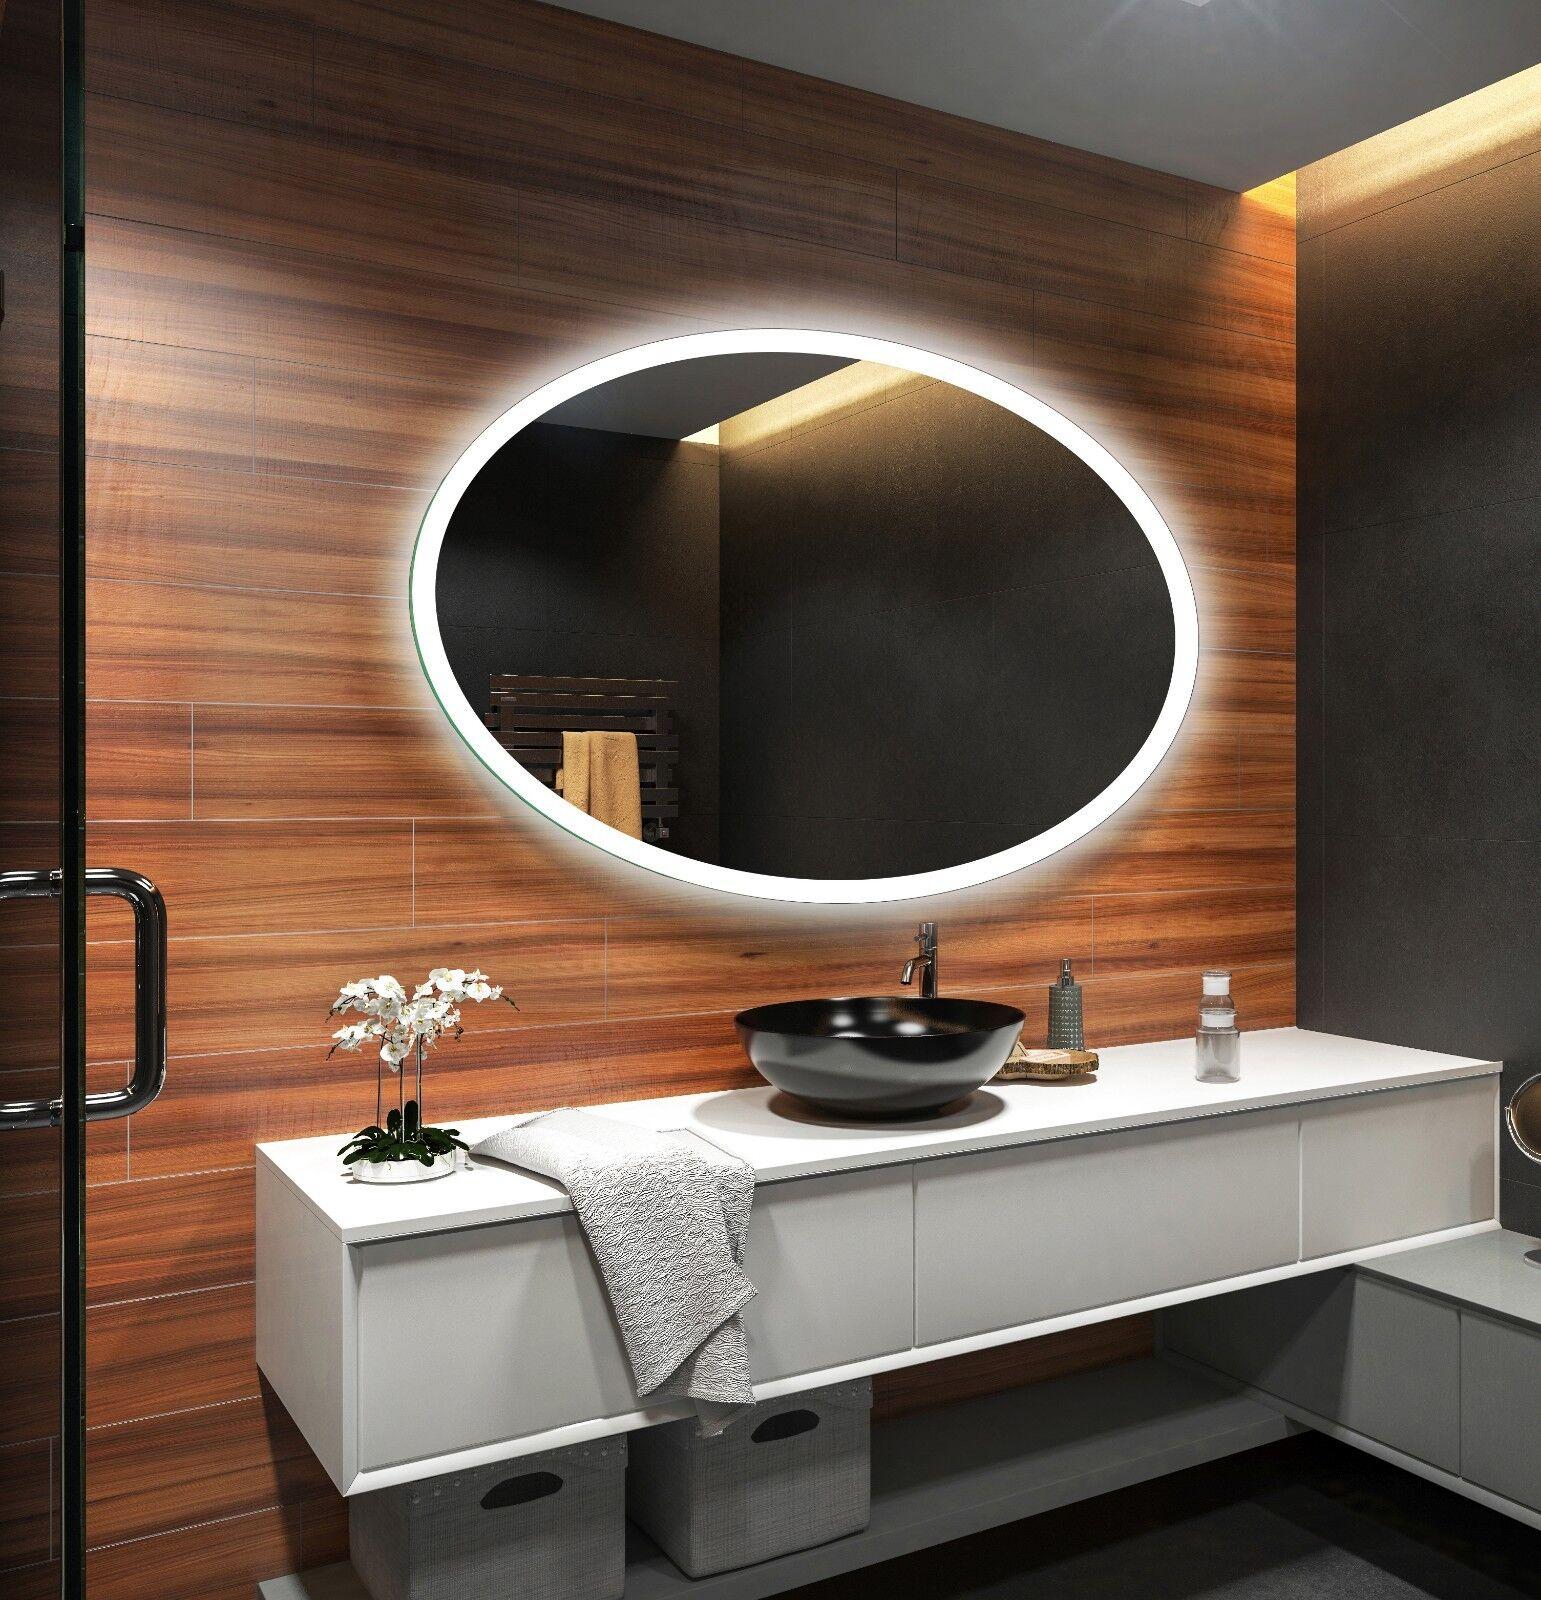 DEL Illuminé Miroir de salle de bains L74 Pour Mesurer Taille personnalisée